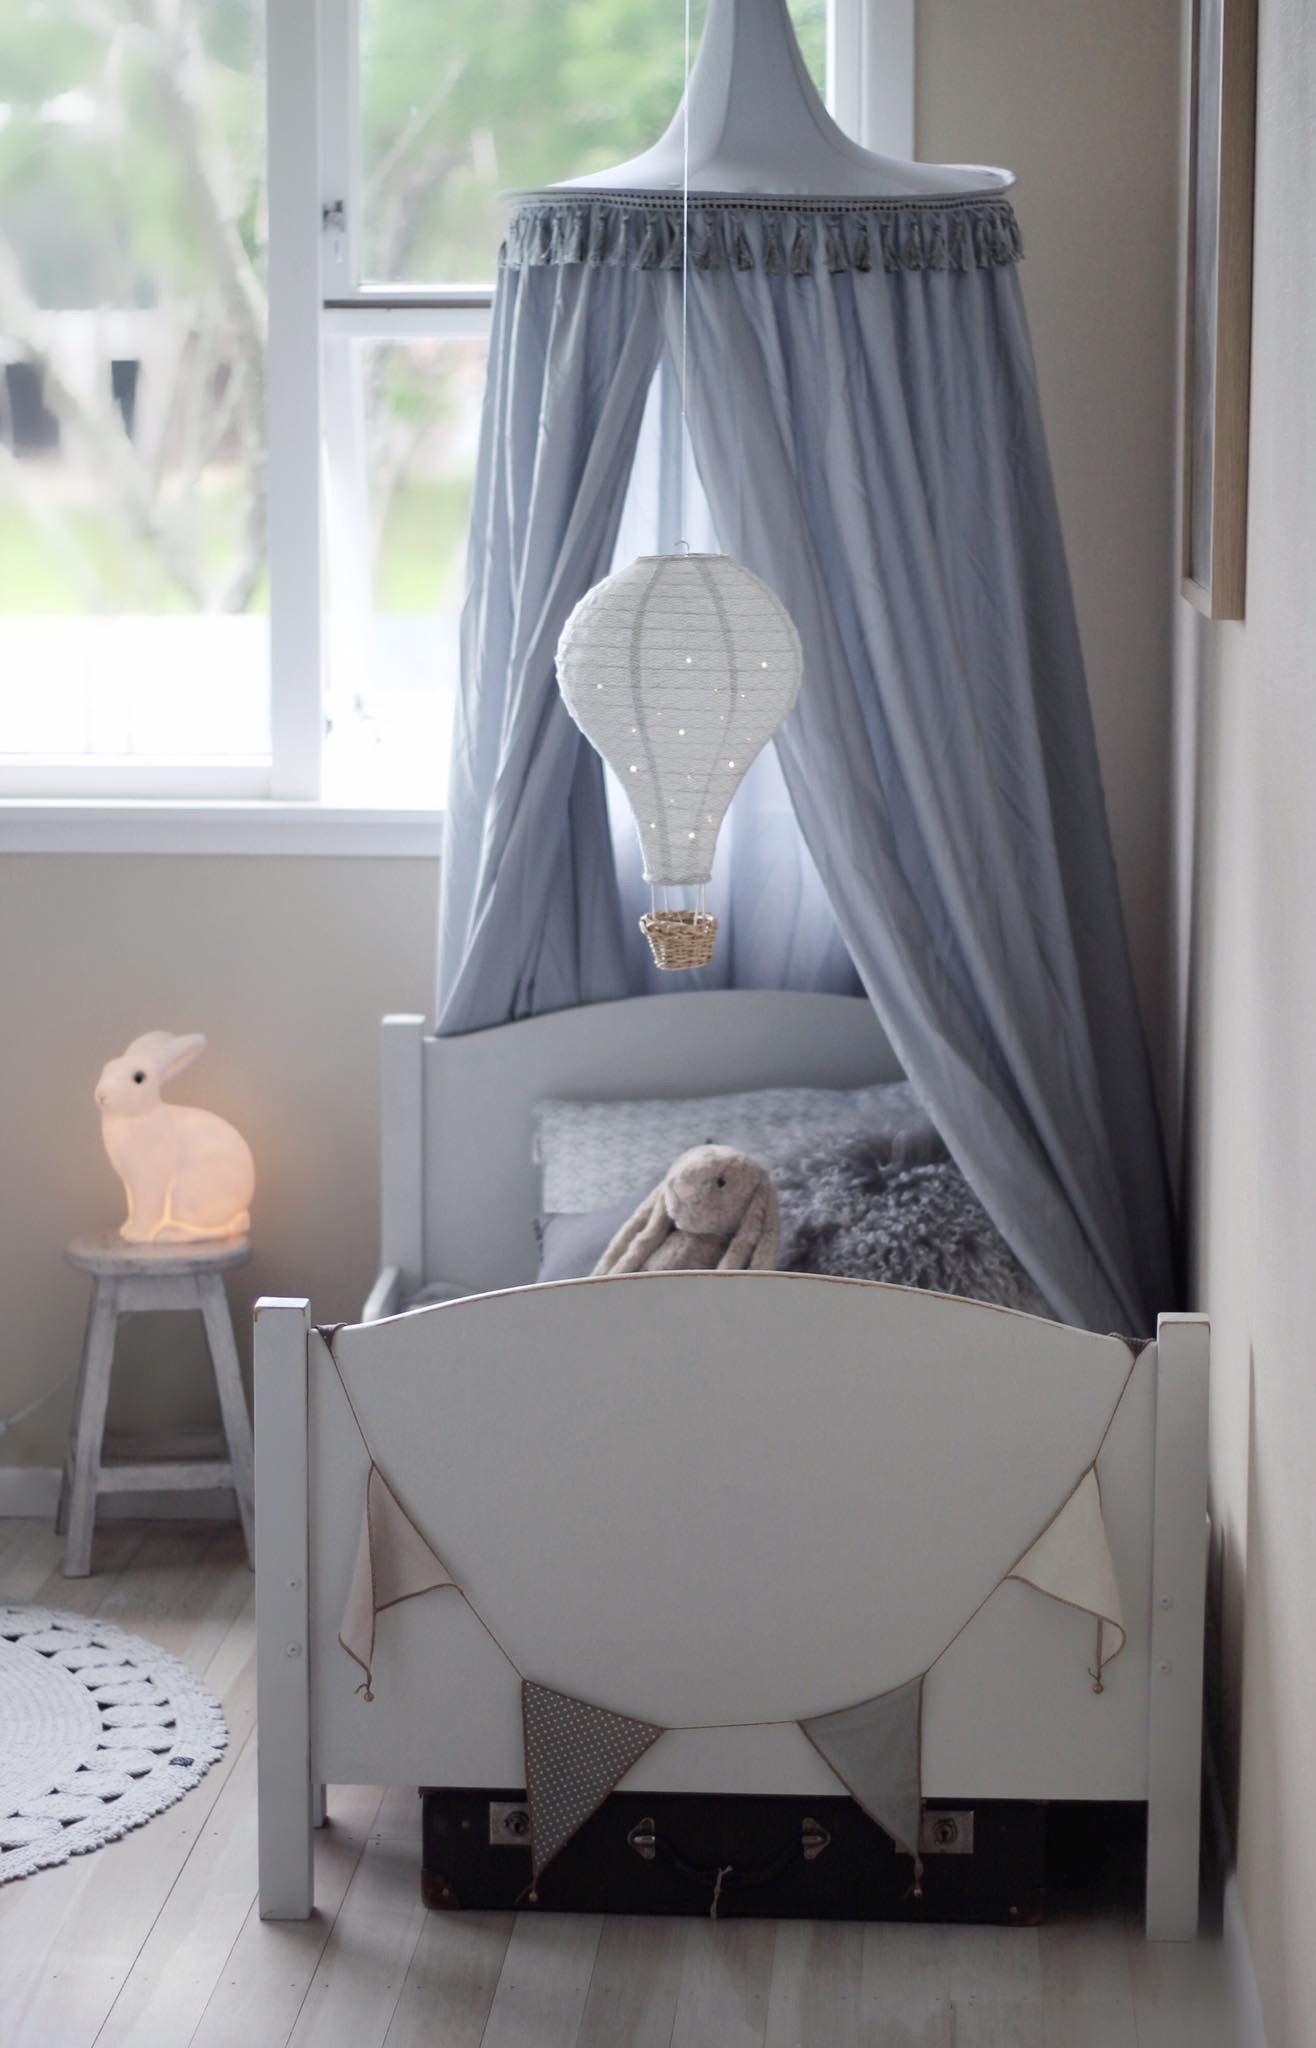 The 8 Best Kids Rooms With Canopies Kids Rooms Diy Children Room Girl Kids Room